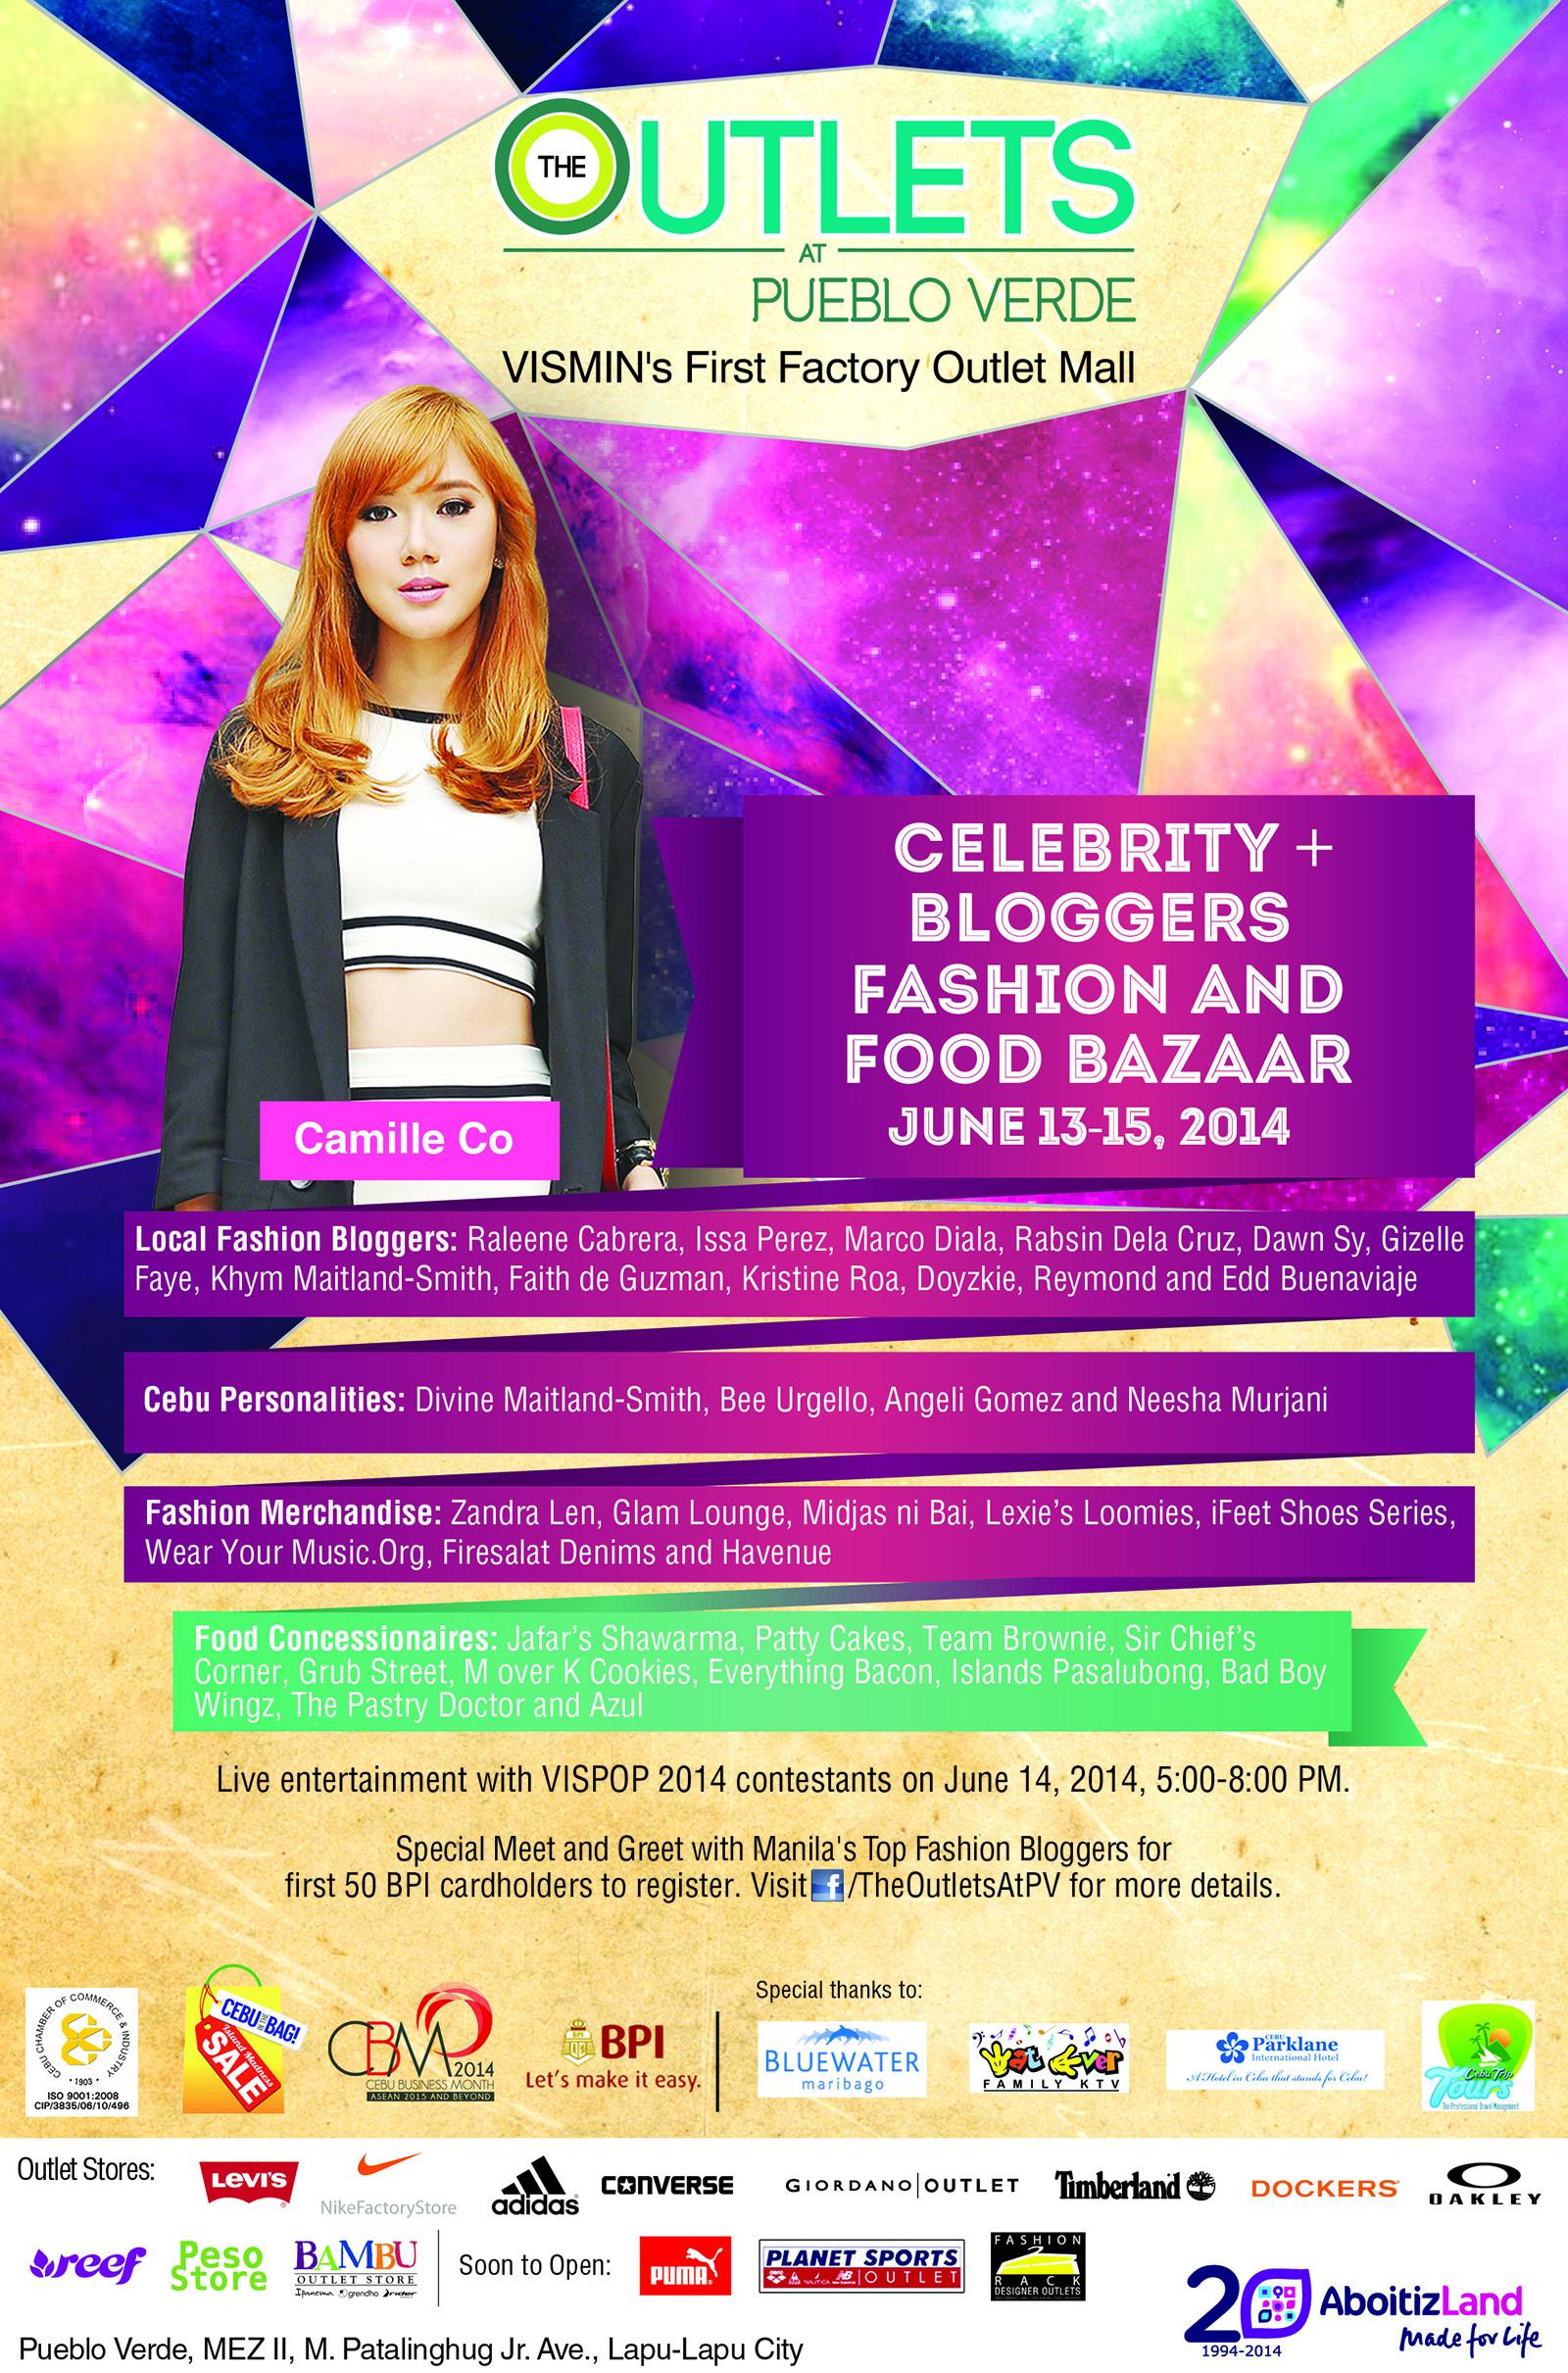 Cebu In The Bag: Celebrity + Bloggers Bazaar